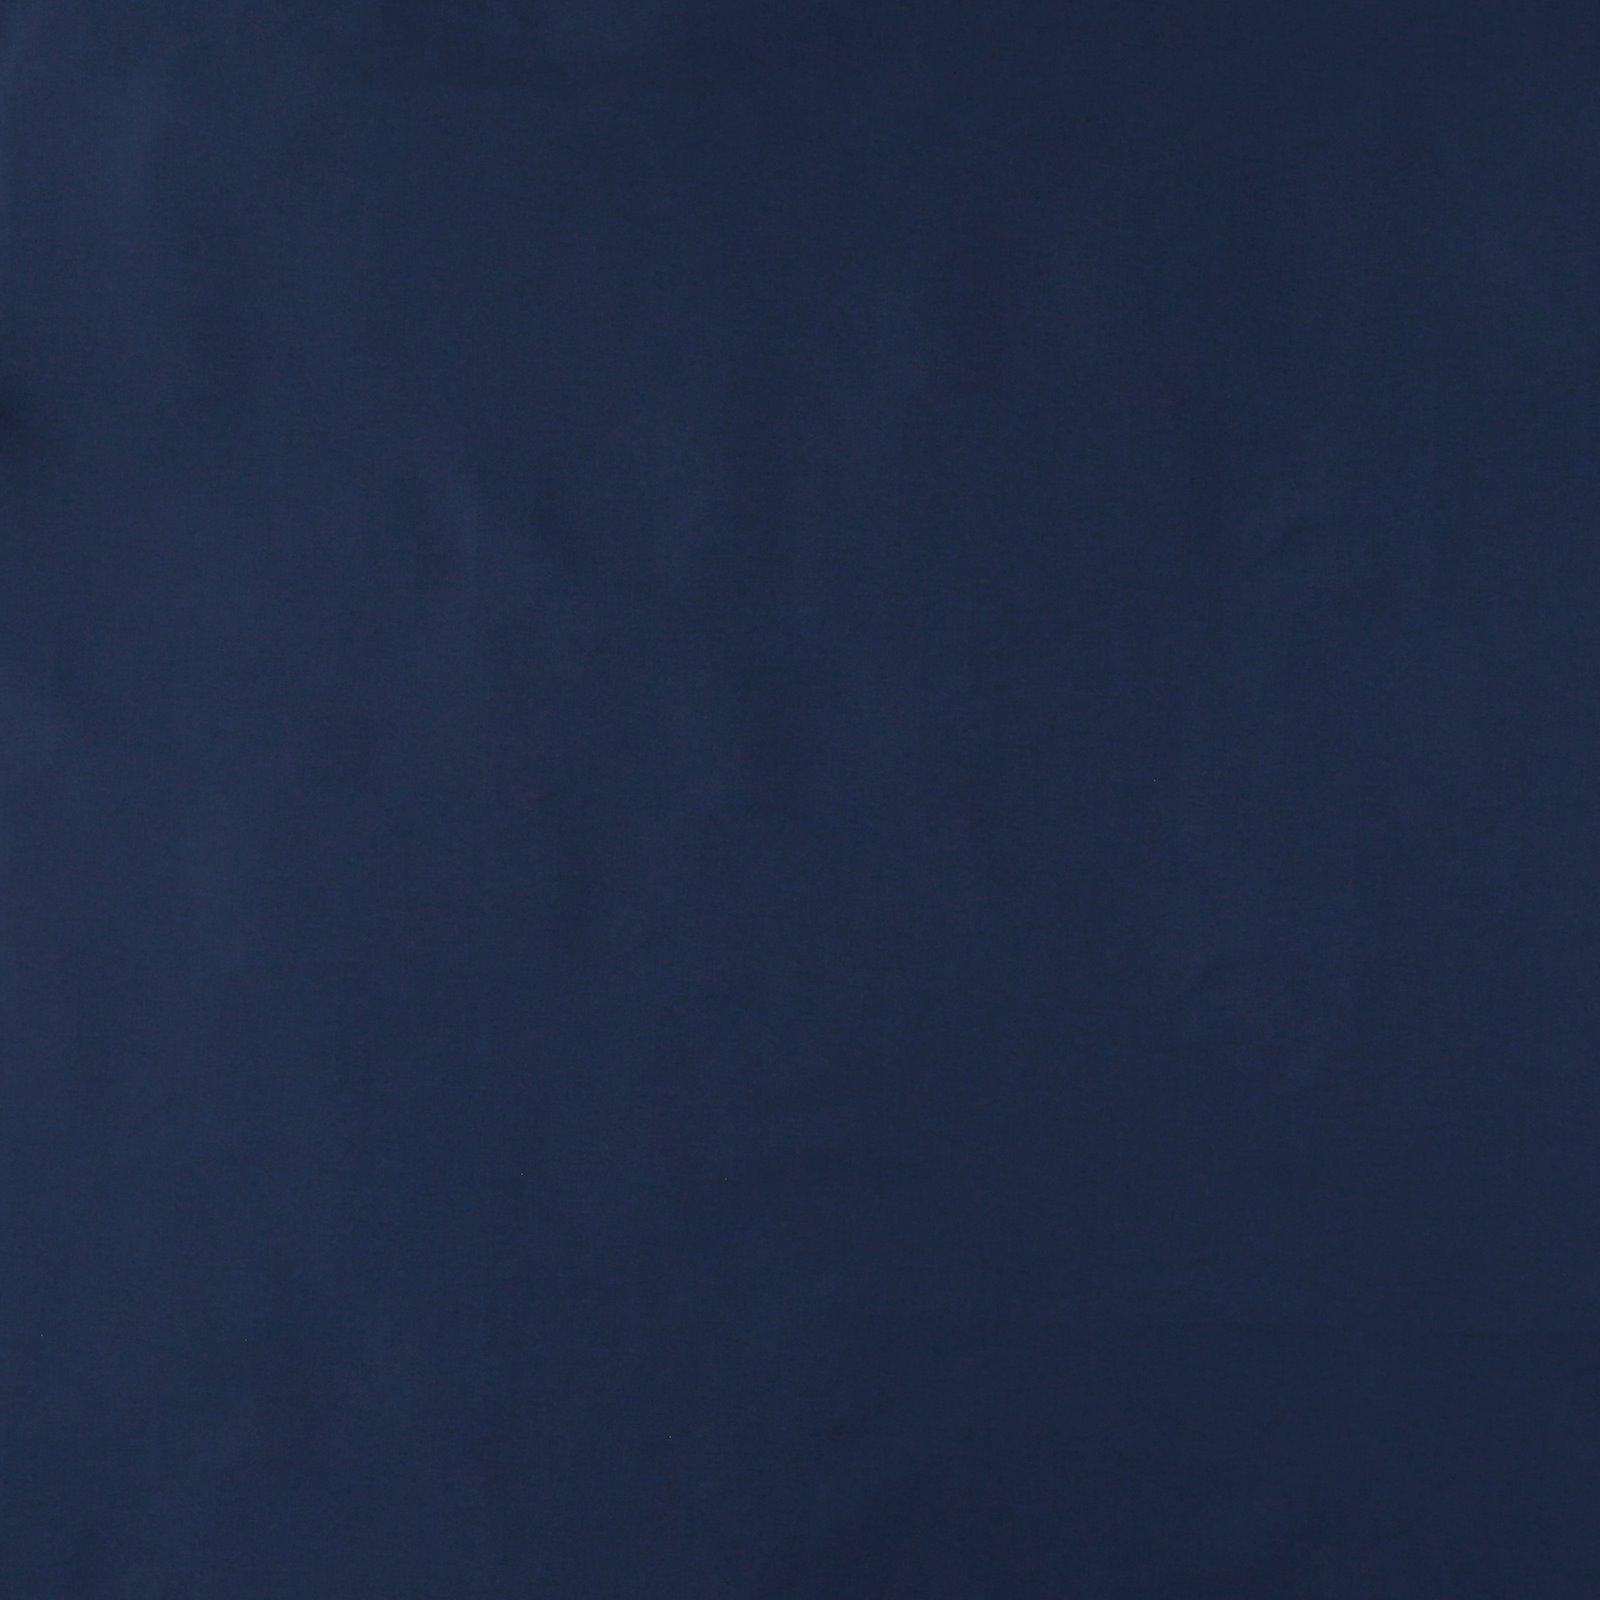 Luxury cotton dark blue 4274_pack_solid